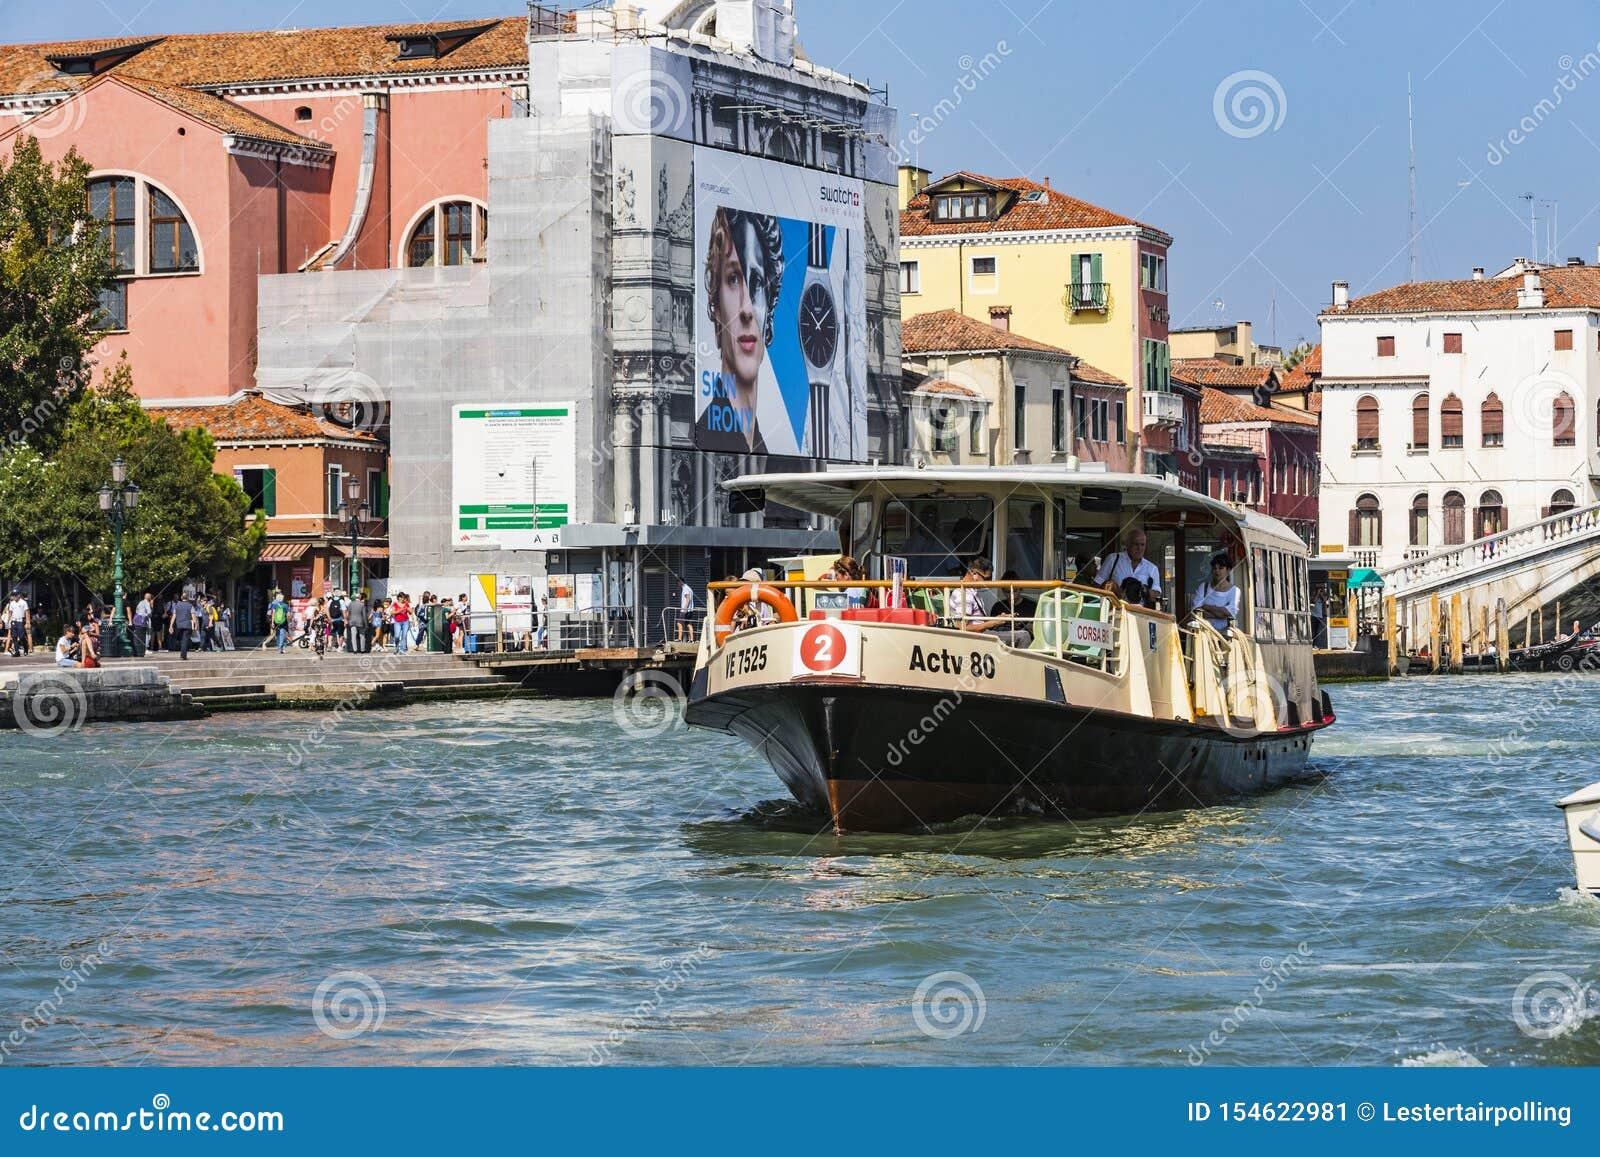 Серия изображений идя вдоль каналов Венеции, против фона архитектурноакустического ландшафта города